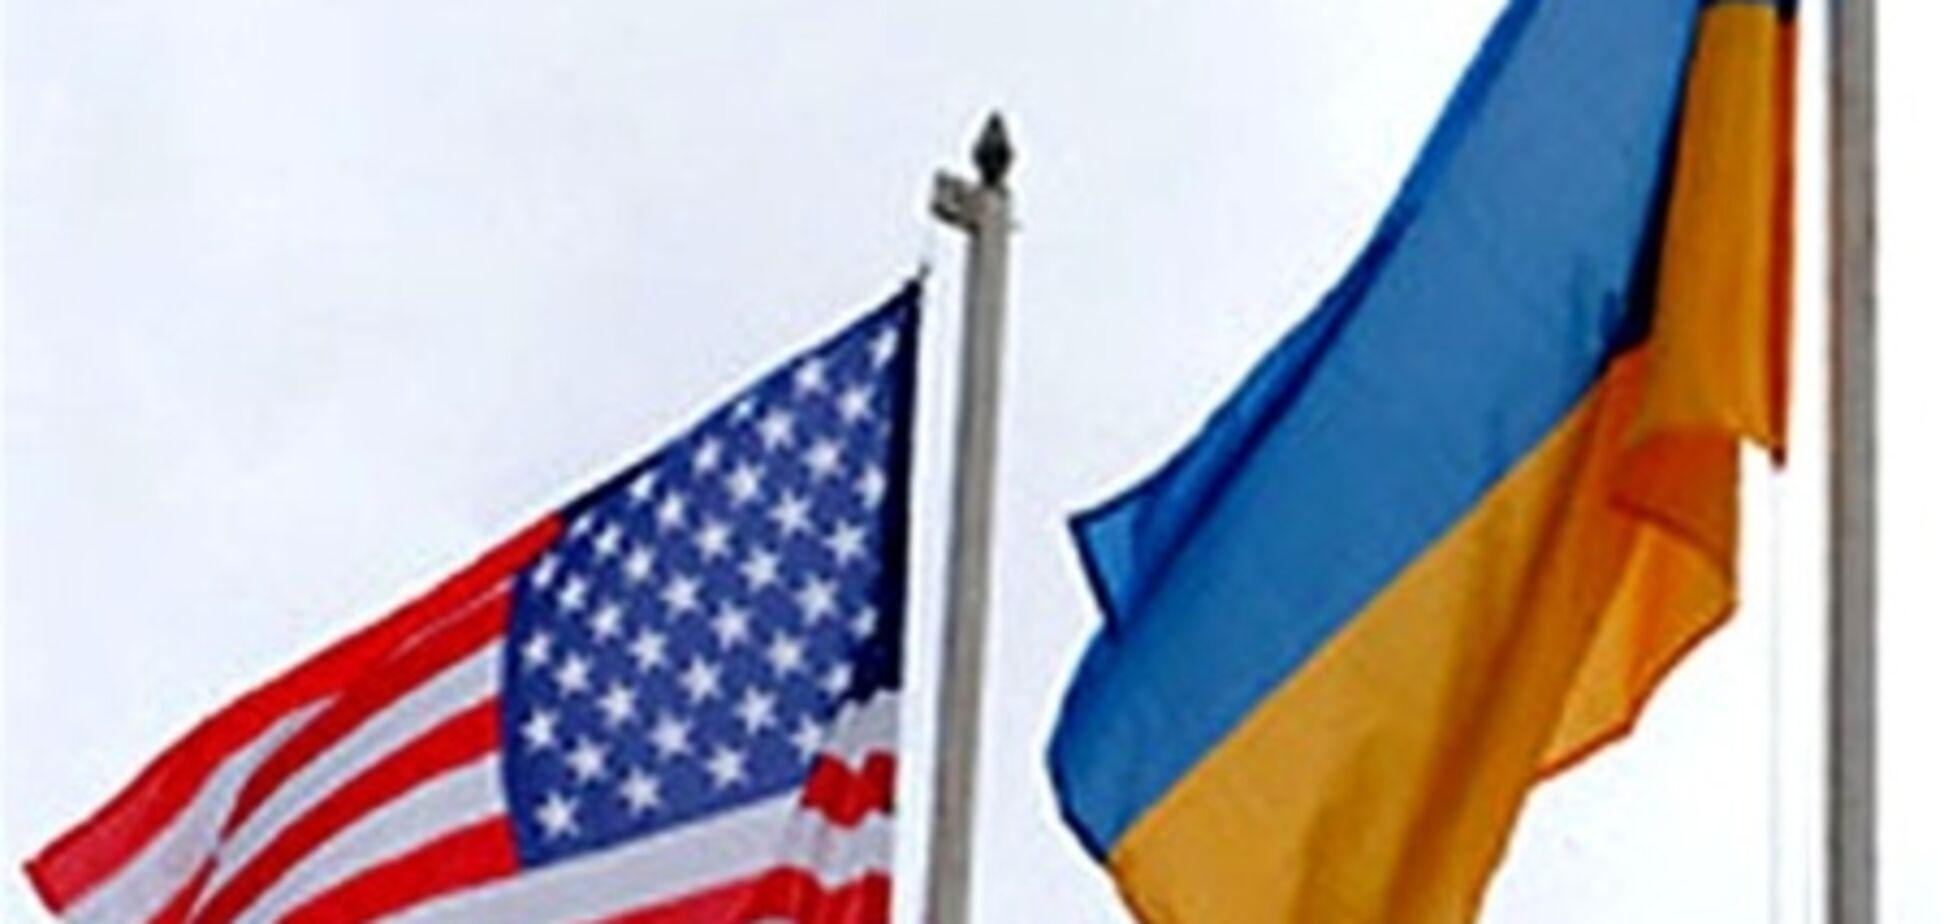 ПР: дело Тимошенко не повлияет на отношения Украины и США